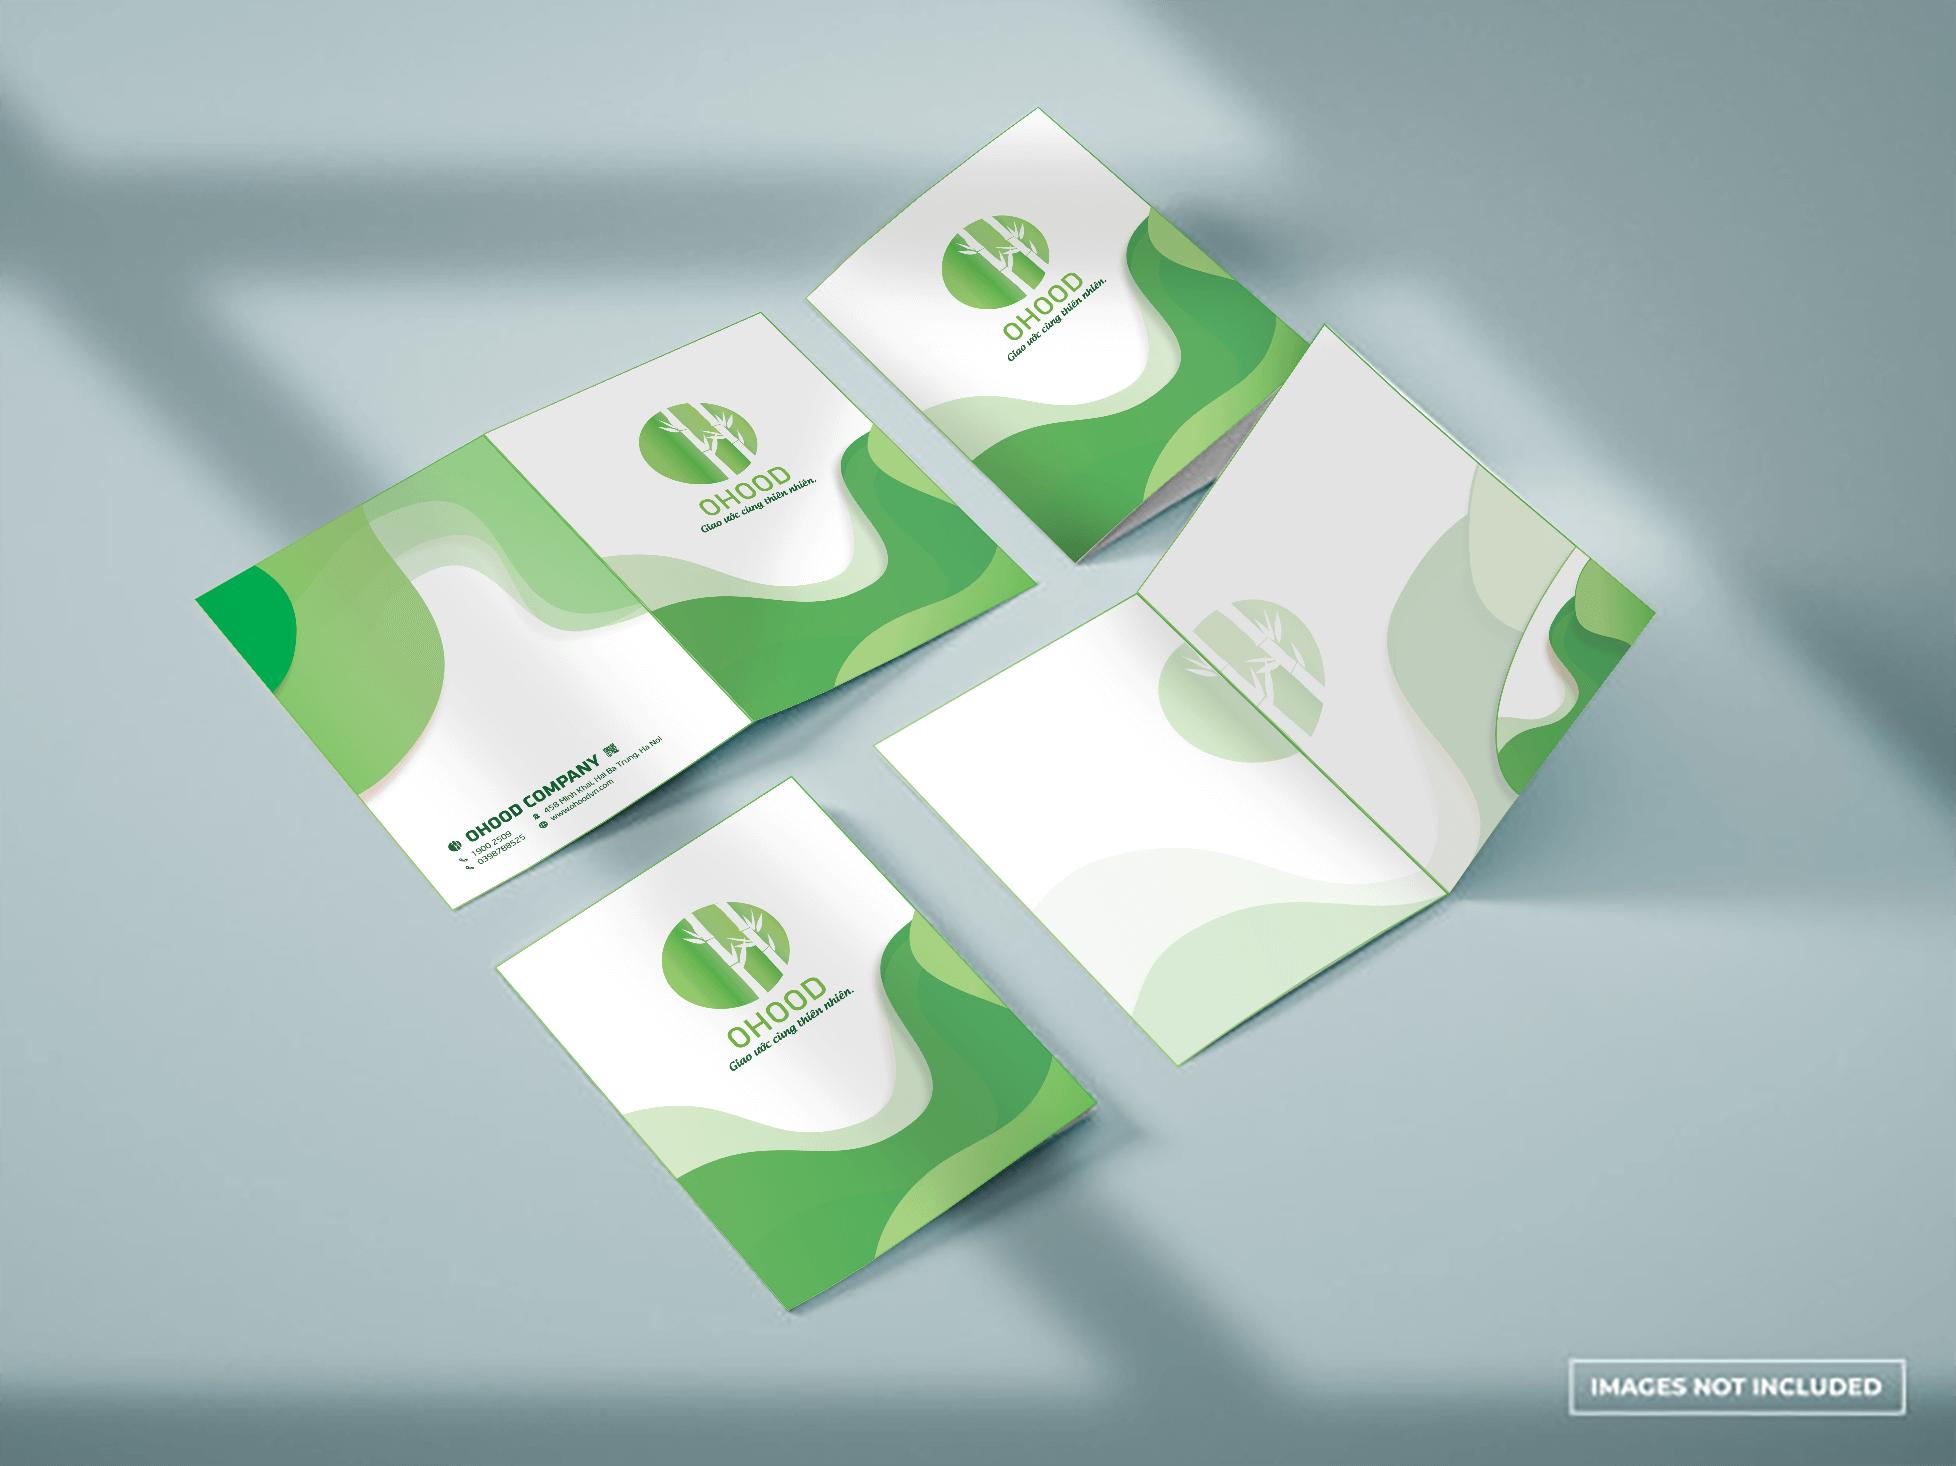 Thiết kế đồ họa | Đồ án Phạm Phương Anh